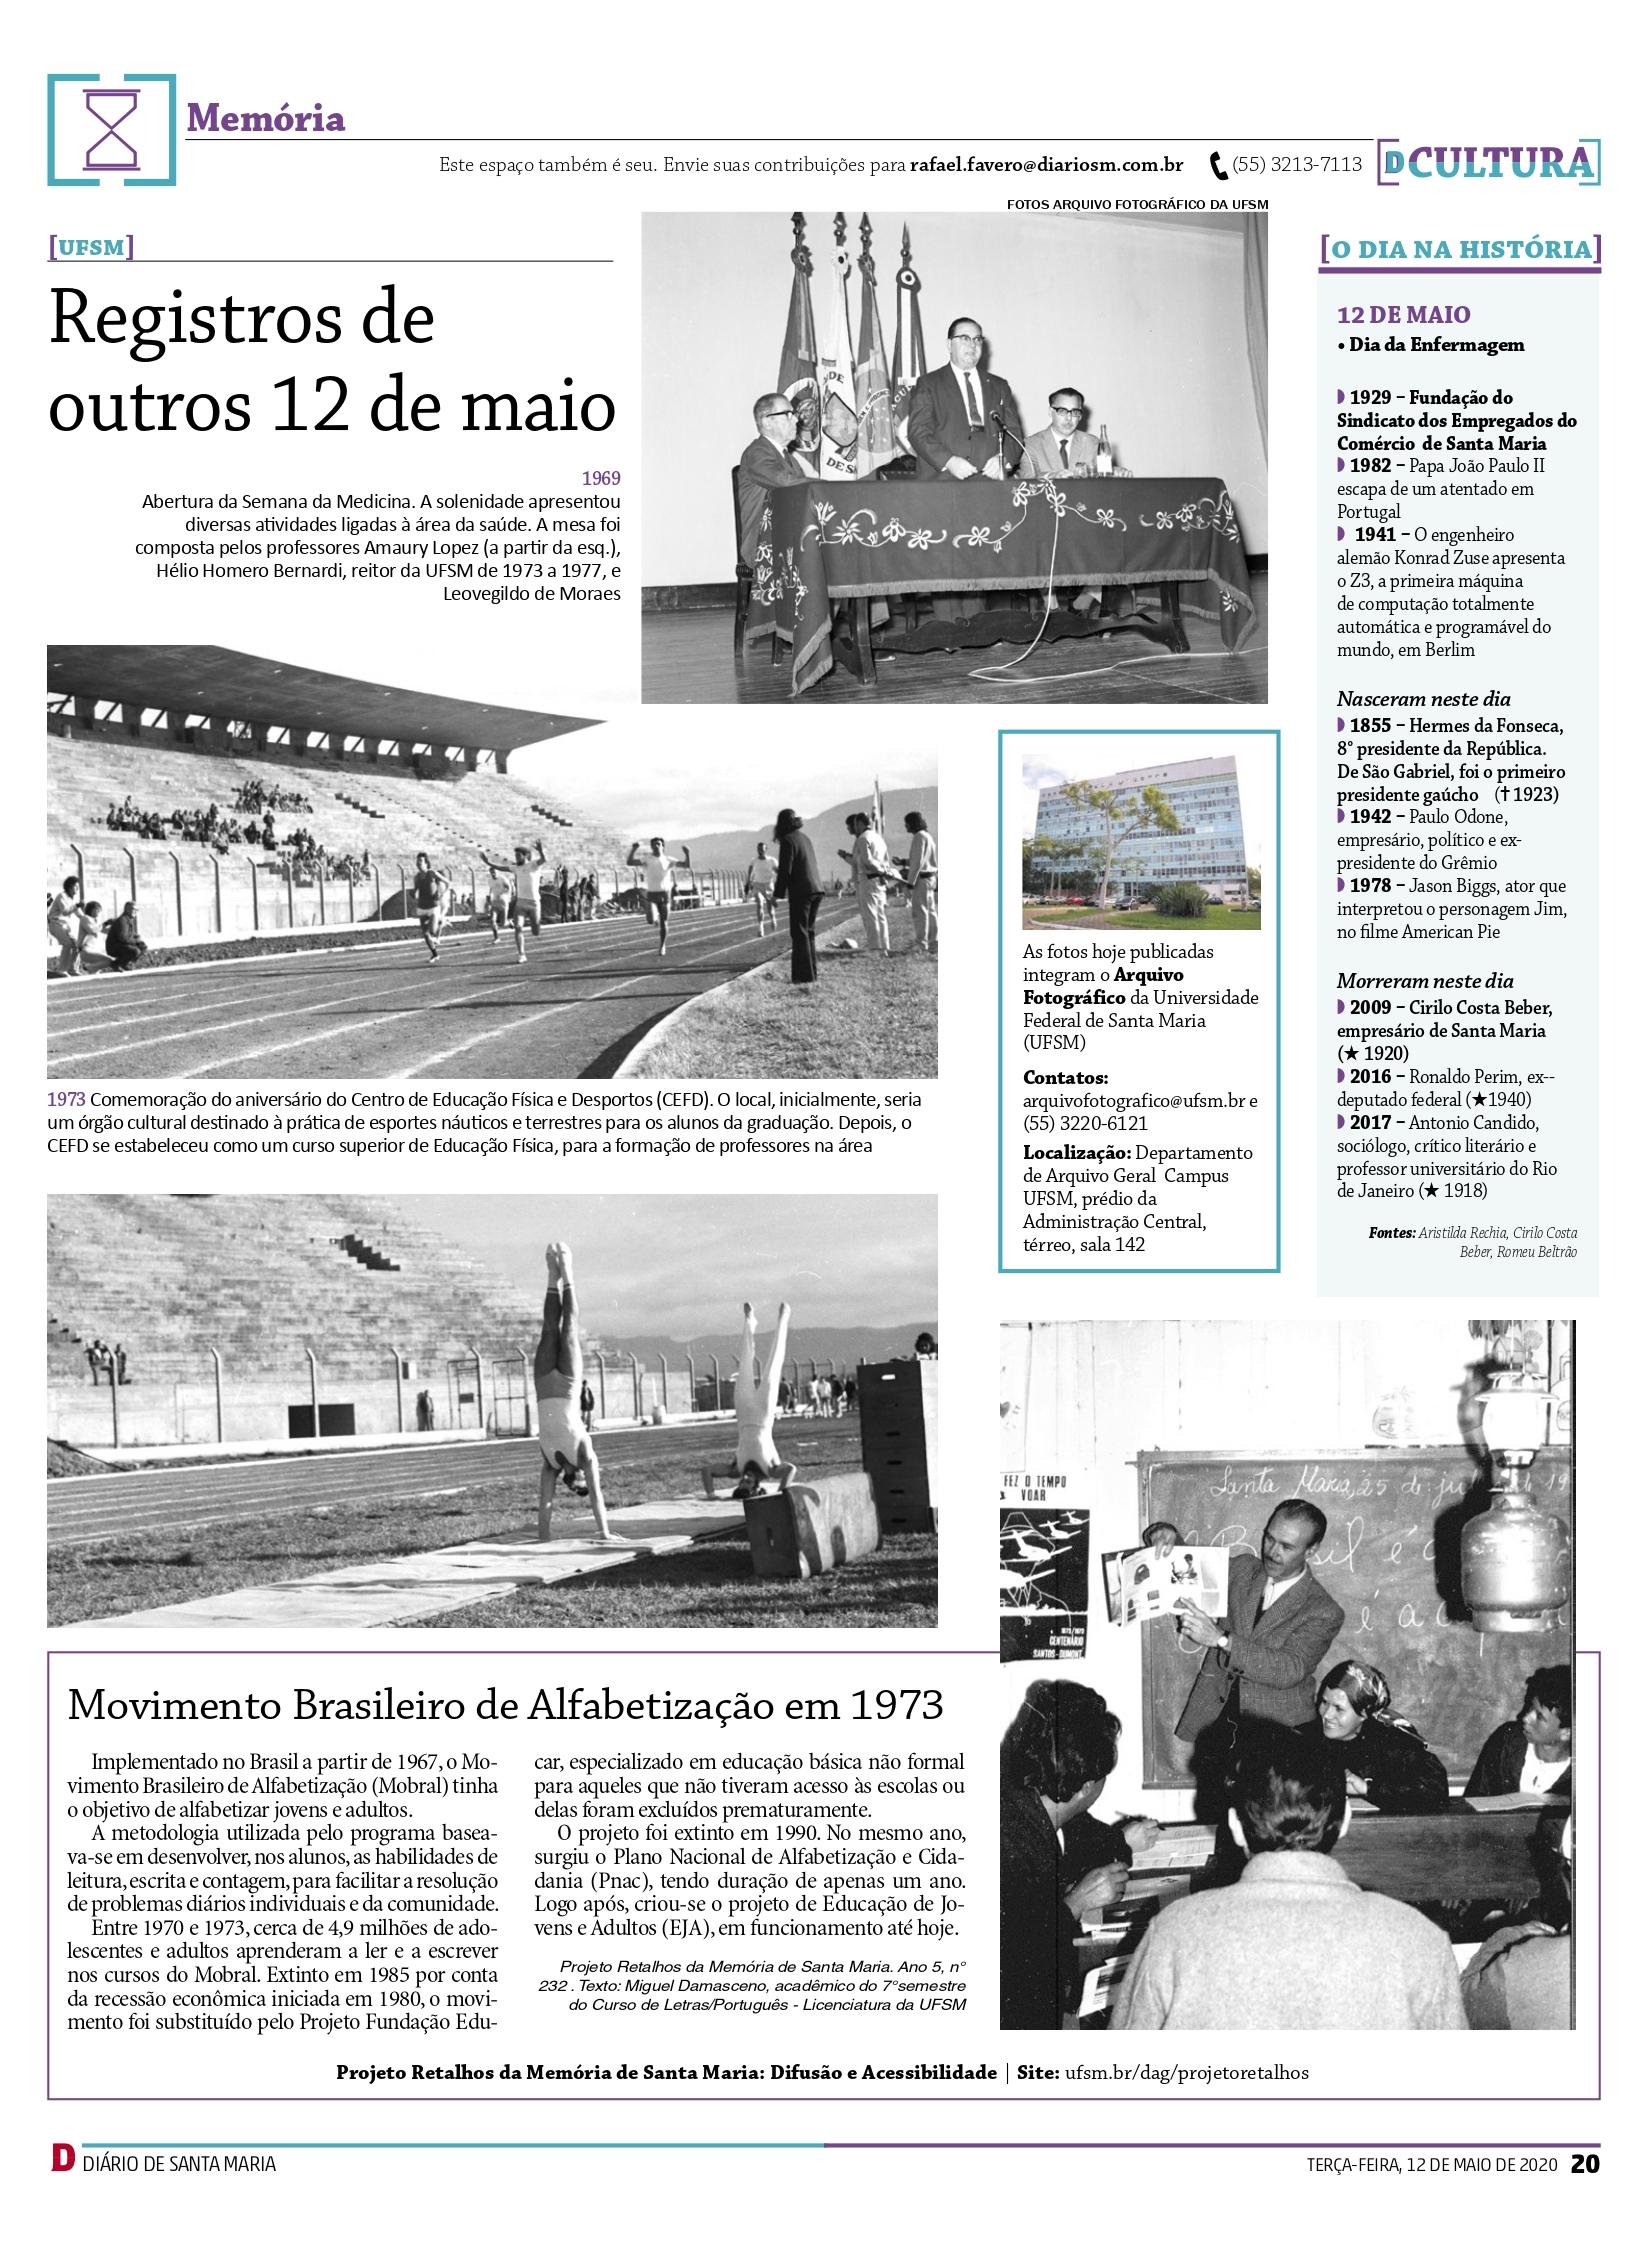 Seção Memória Jornal Diário de Santa Maria 12 maio 2020